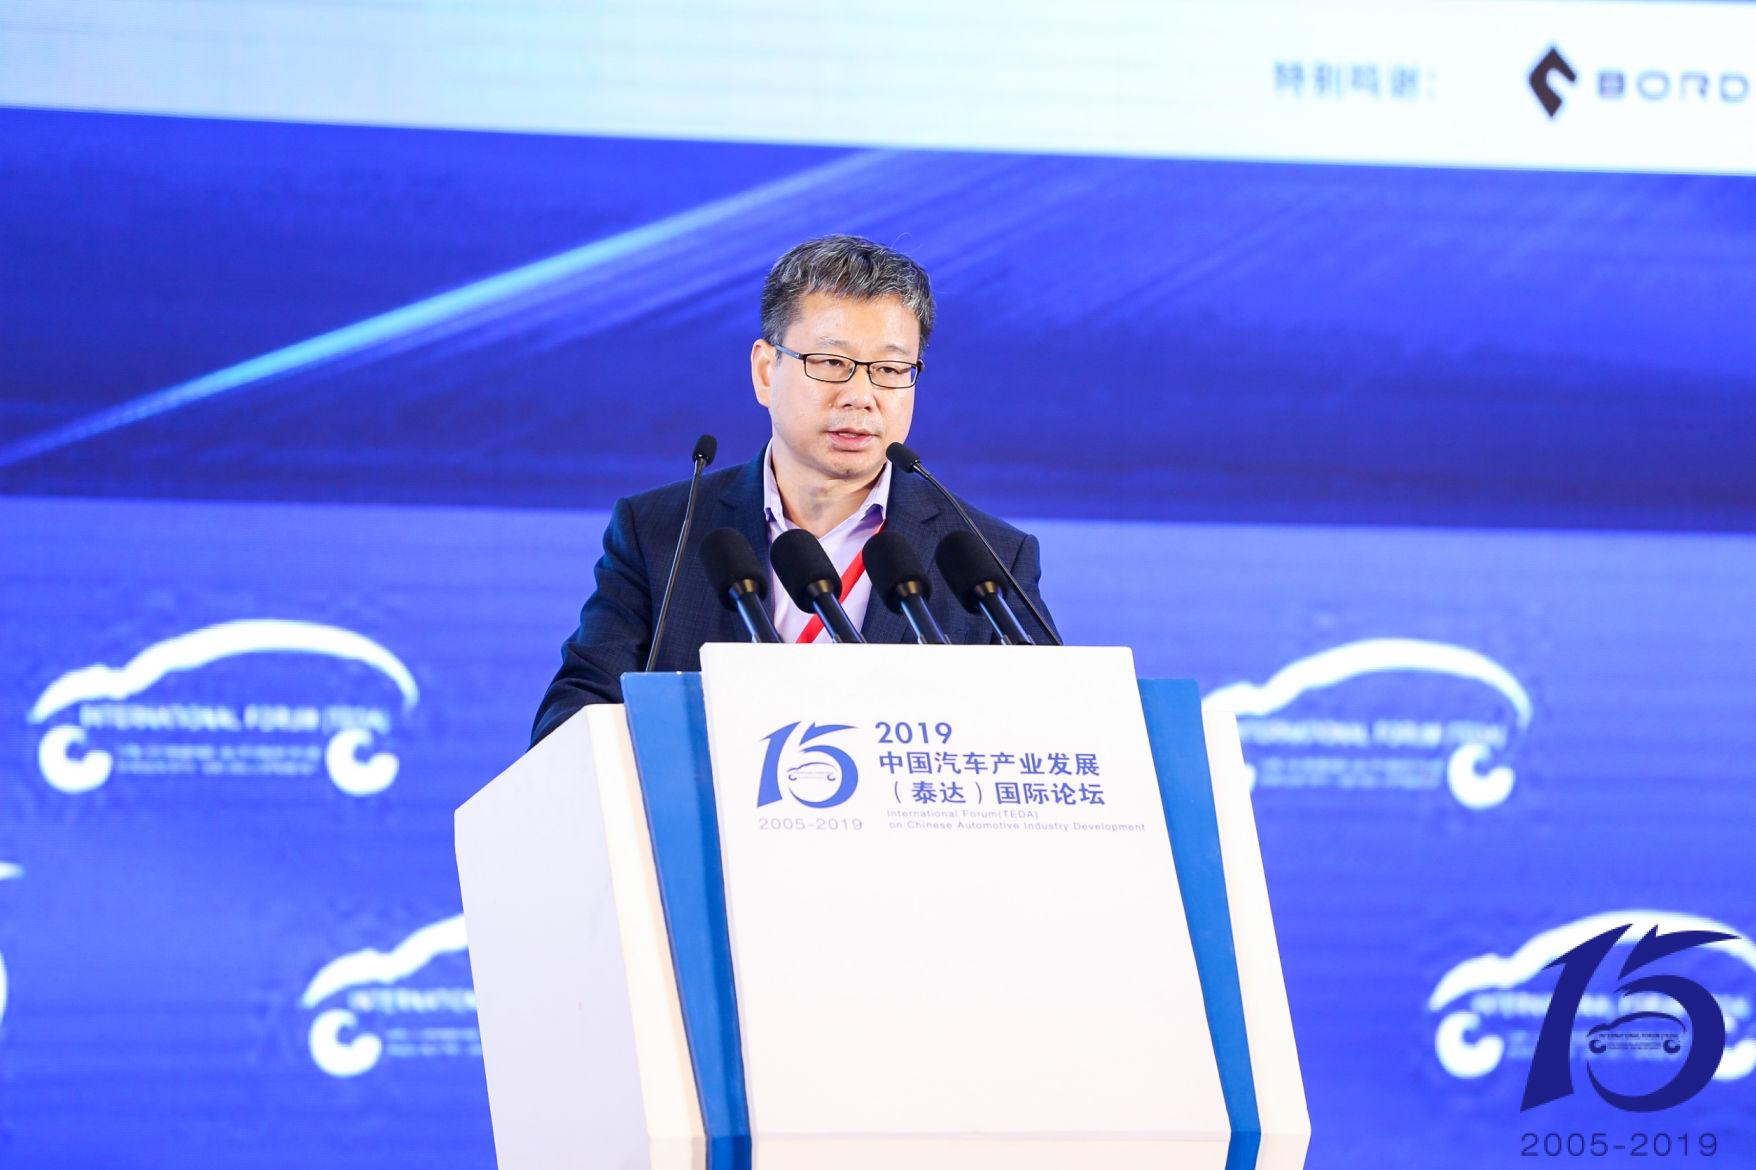 黄希鸣:做好准备,迎接新能源汽车产业的机遇和挑战